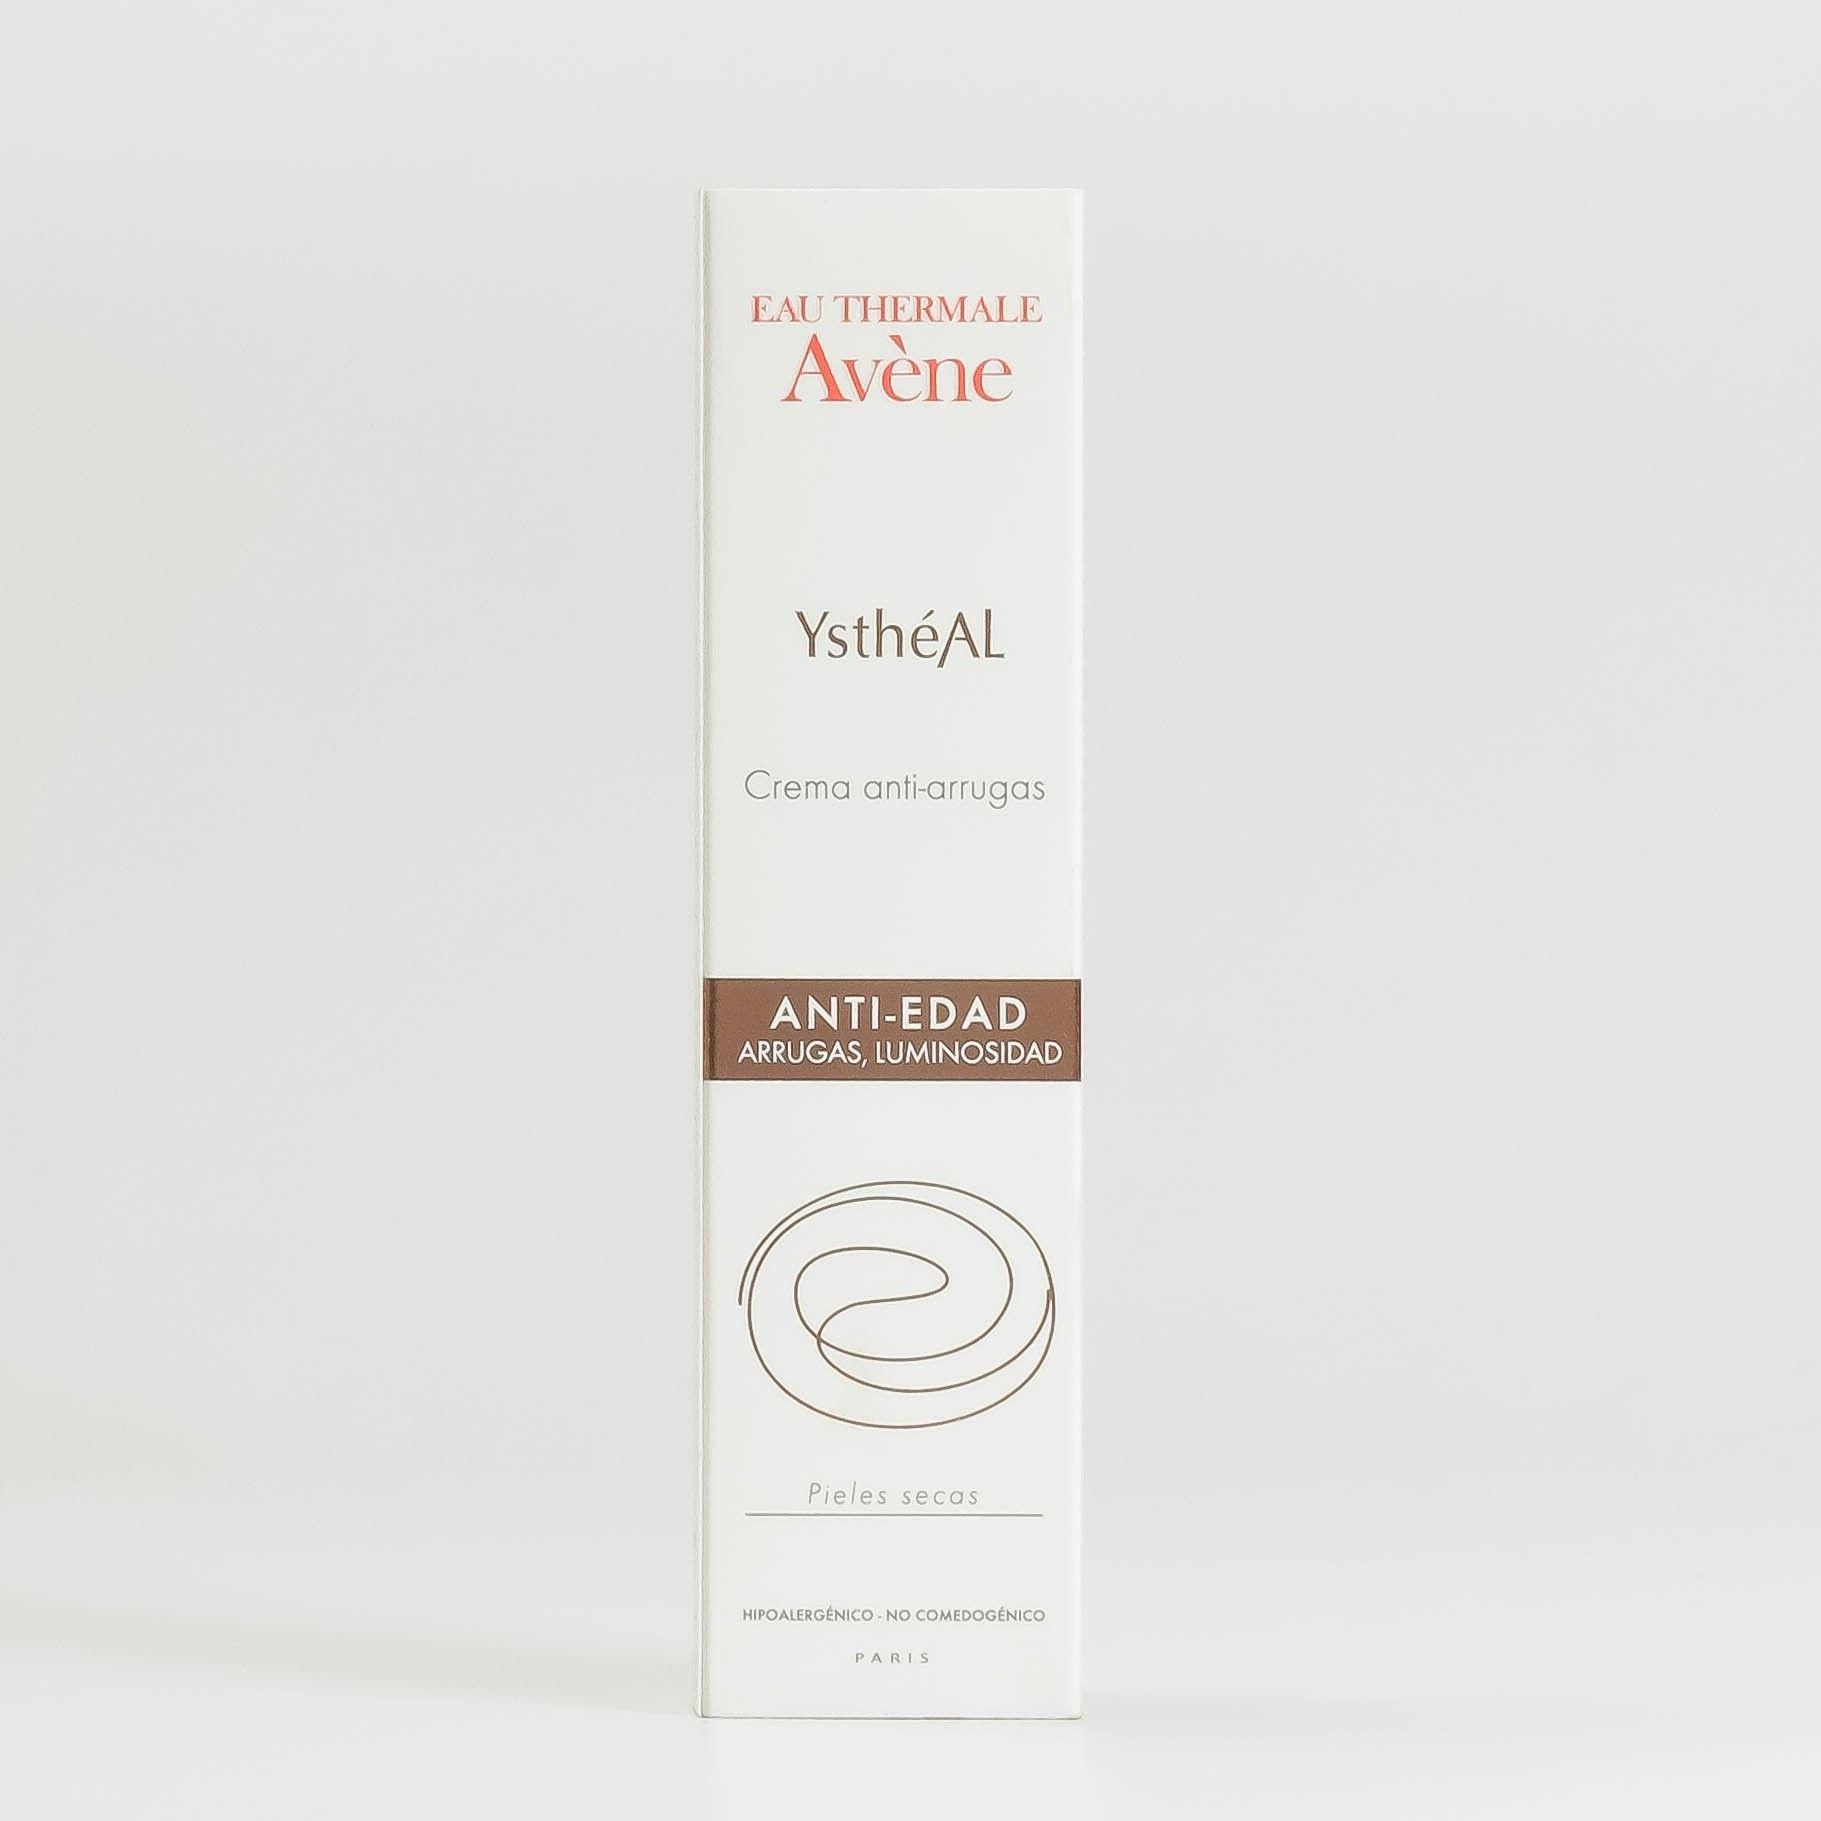 Avene Ystheal+ crema